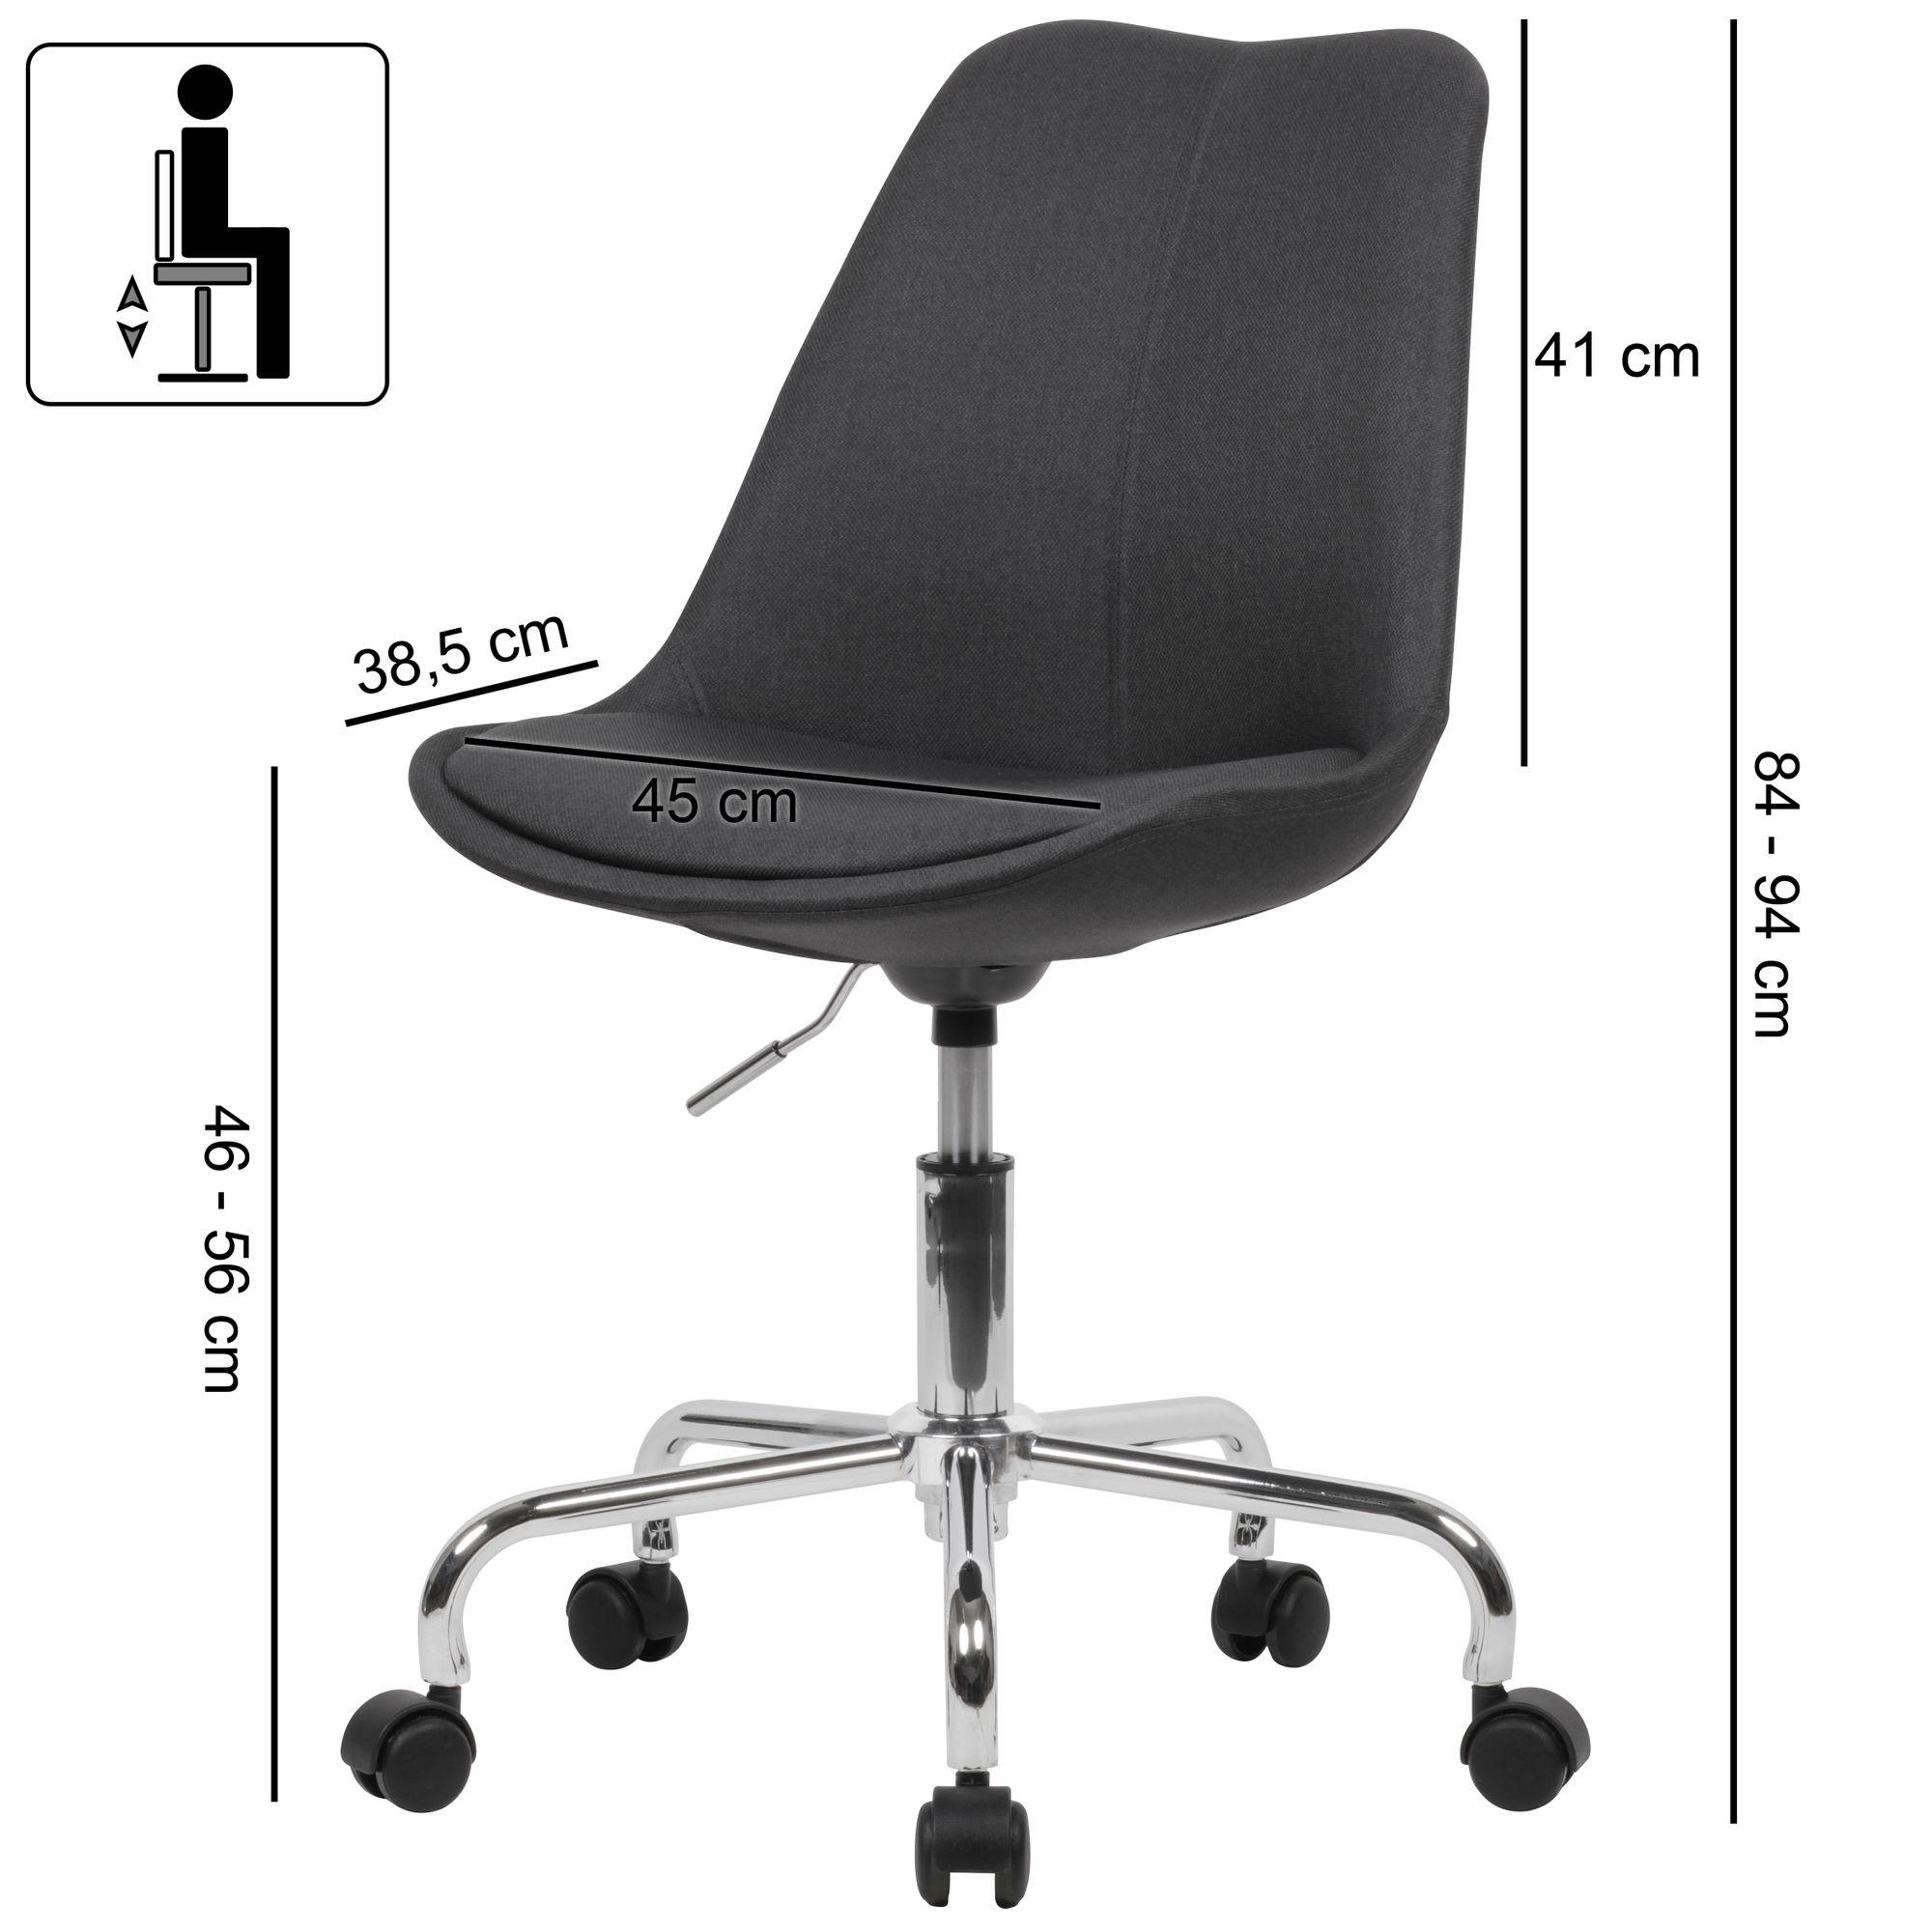 AMSTYLE Schreibtischstuhl Schwarz Stoff | Design Drehstuhl mit Lehne | Arbeitsstuhl mit 110 kg Maximalbelastung | Schalenstuhl mit Rollen | Stuhl